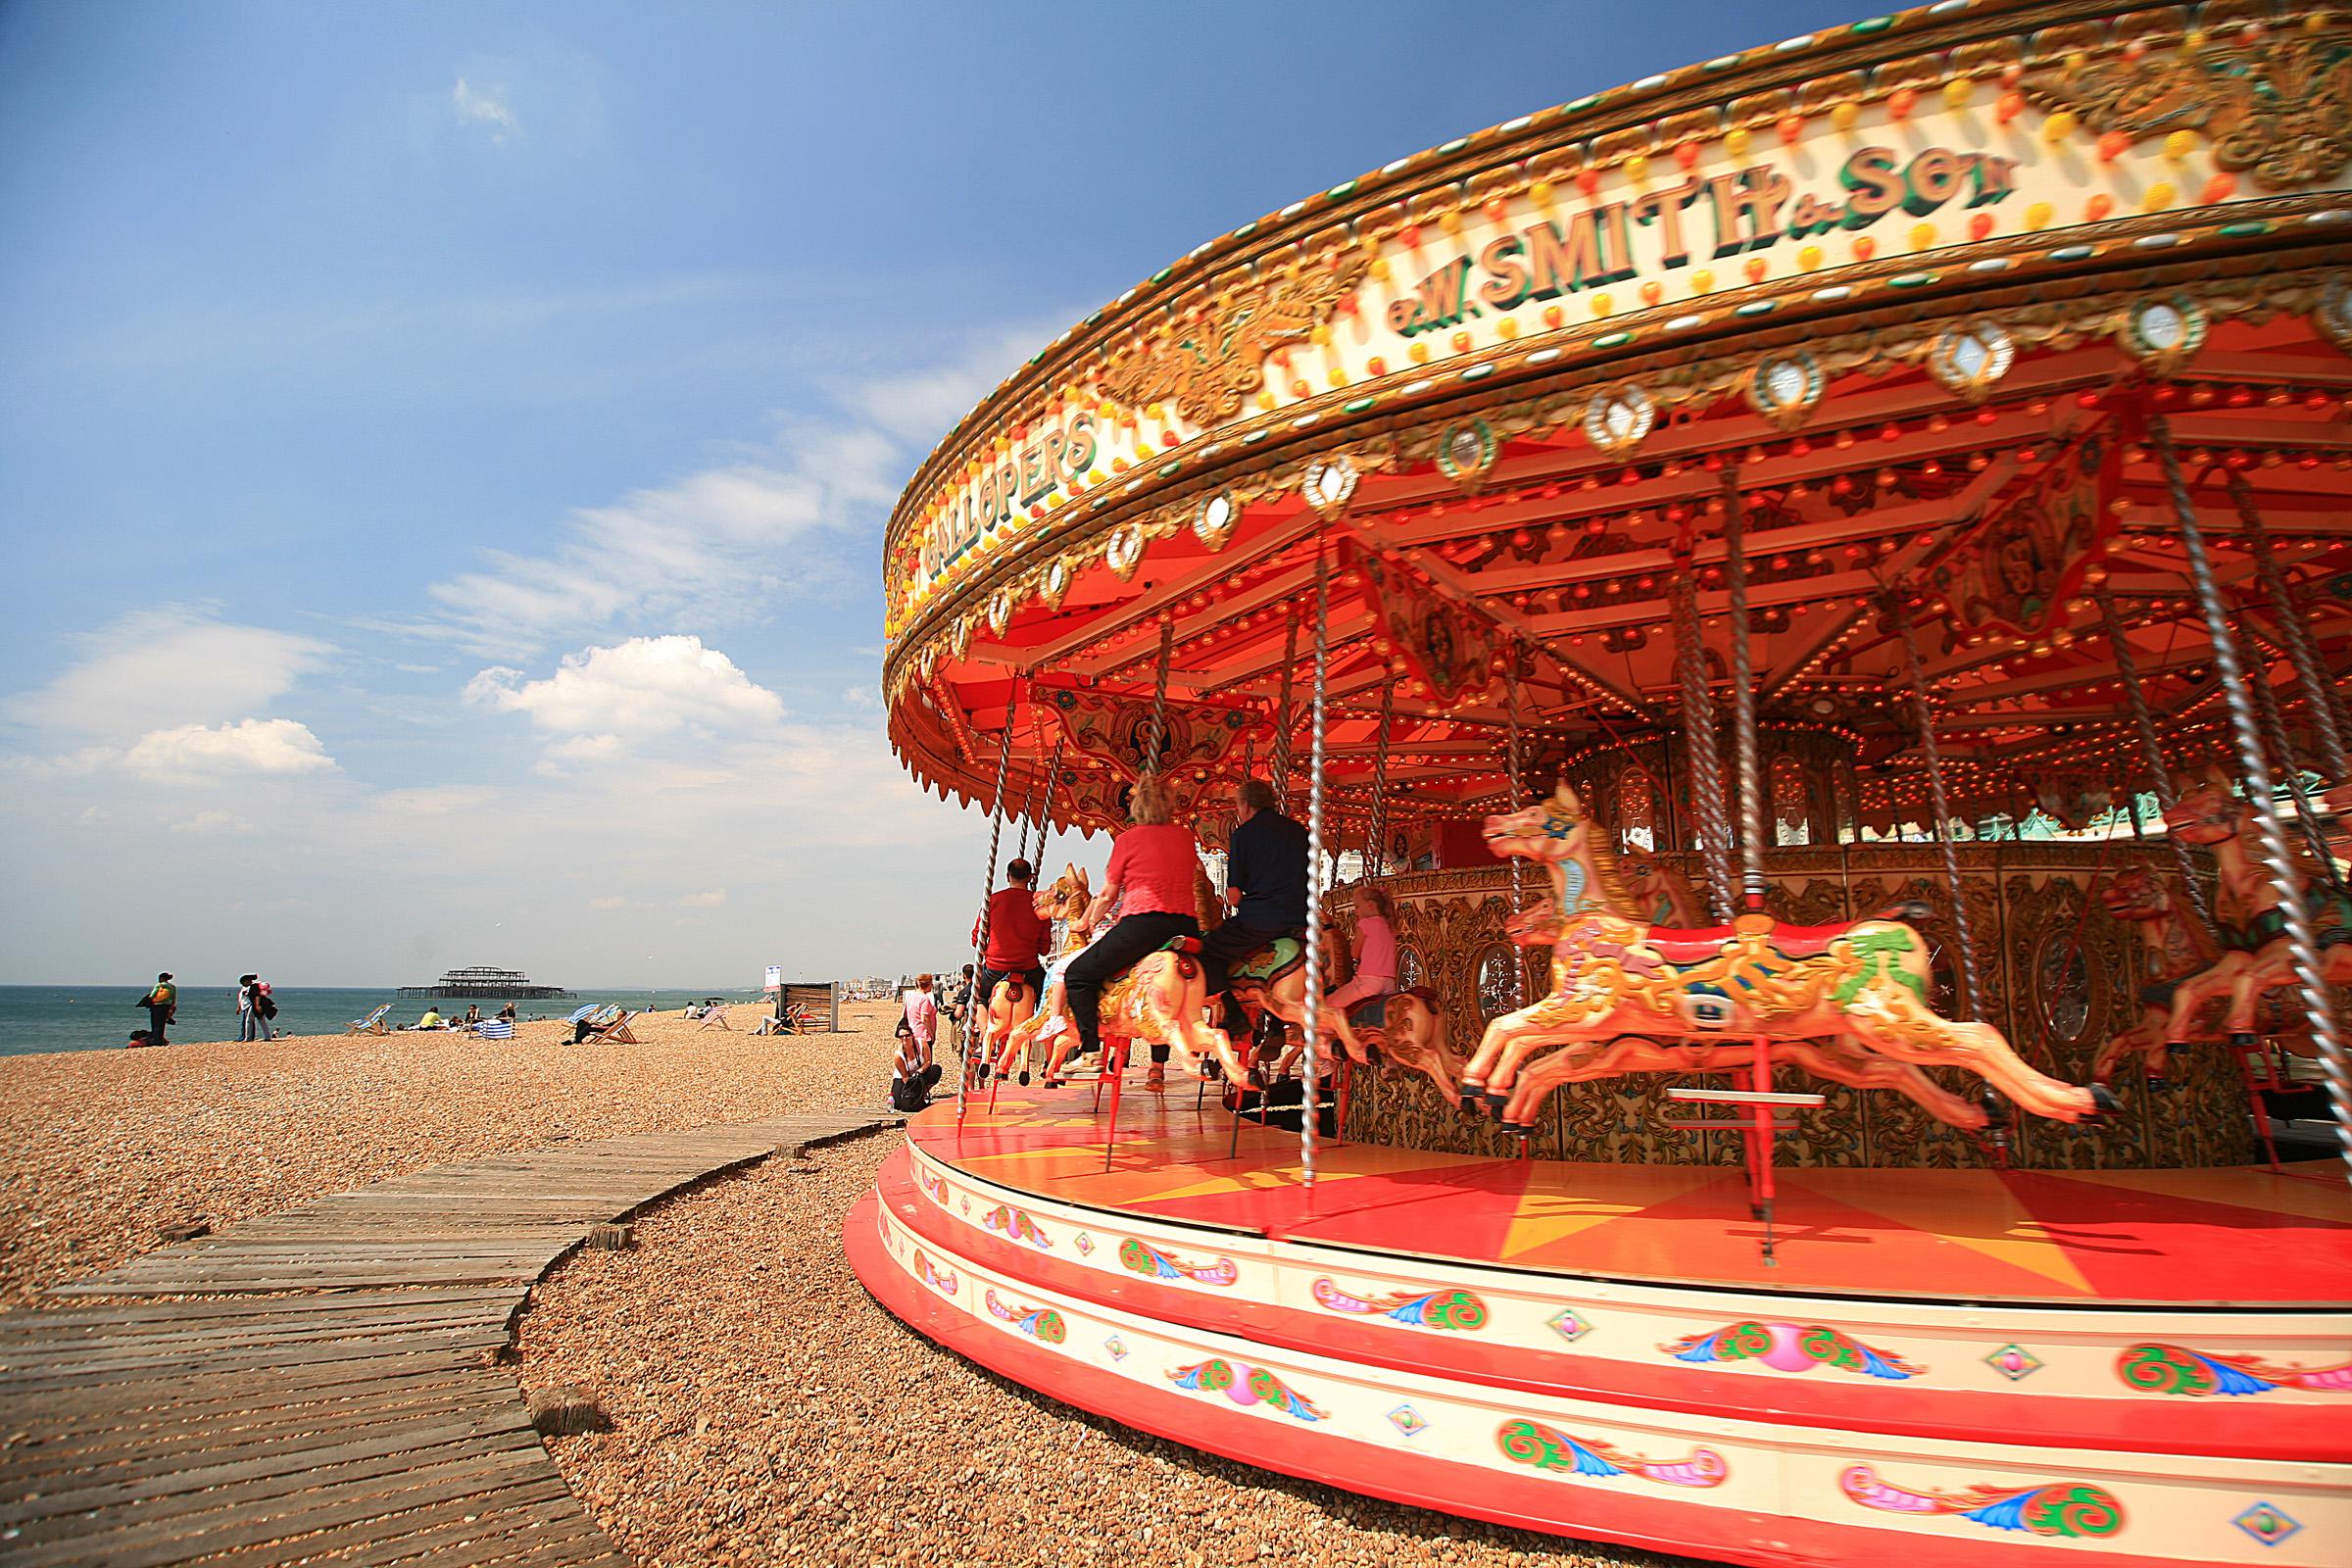 Carrossel na praia de Brighton (foto: LASZLO ILYES/Flickr/creative commons)